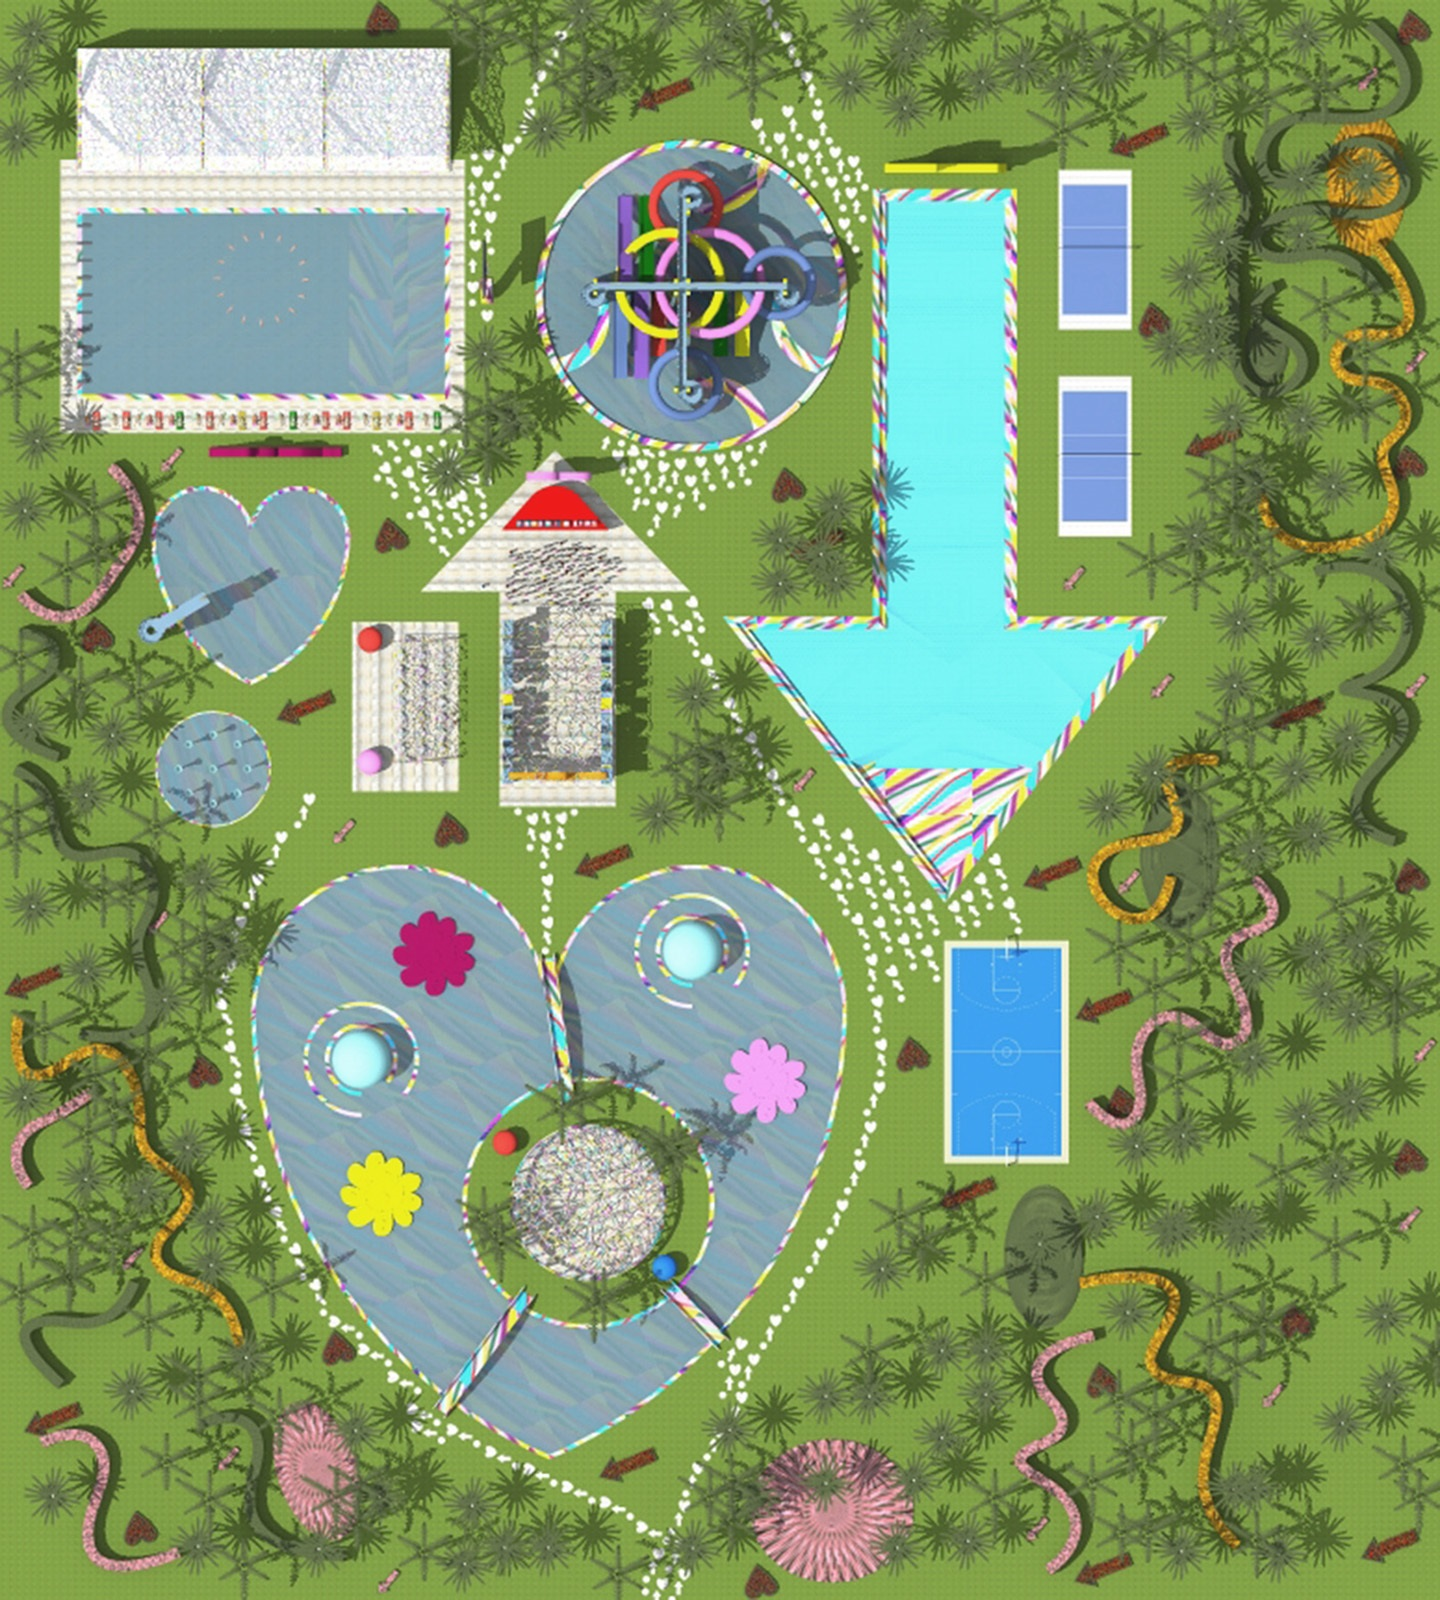 WATER PARK PLAN MASSE 2